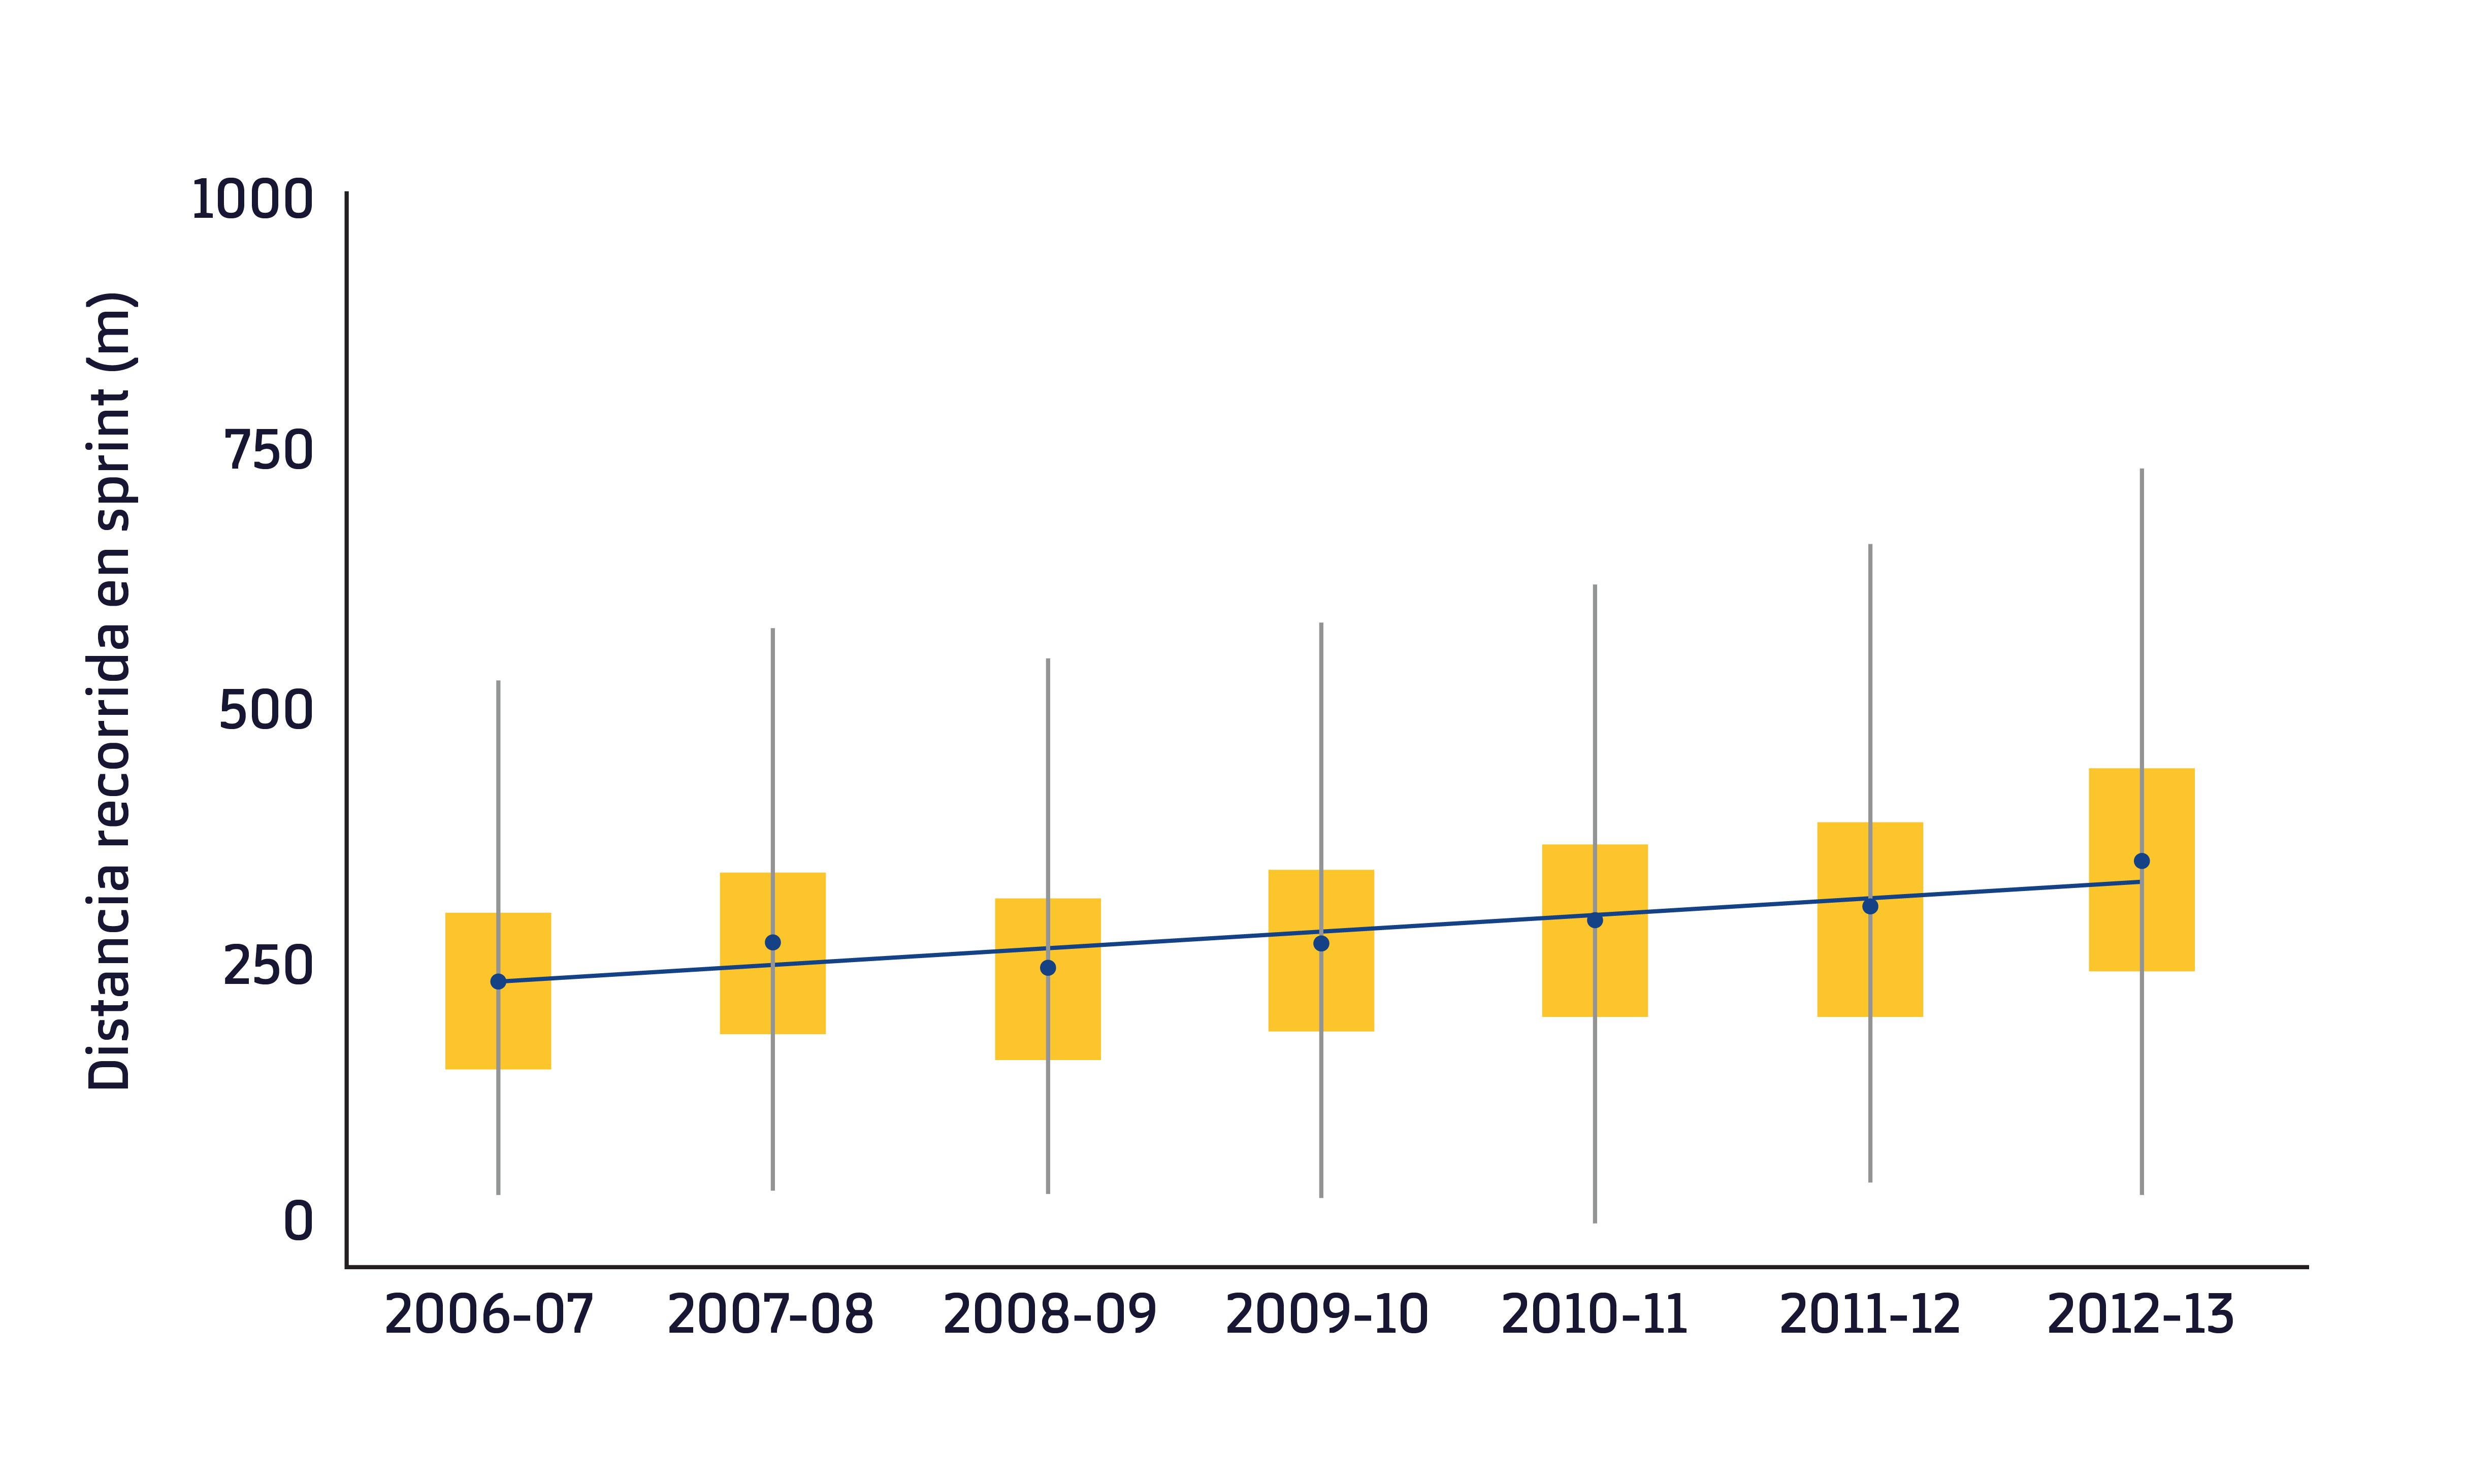 Figura 1. Distancia recorrida en sprint durante 7 temporadas en la Premier League. Adaptado de Barnes et al.1 Las cajas amarillas representan los valores intercuartiles. Los círculos azules el valor medio por temporada y la línea azul la línea de tendencia durante las 7 temporadas.